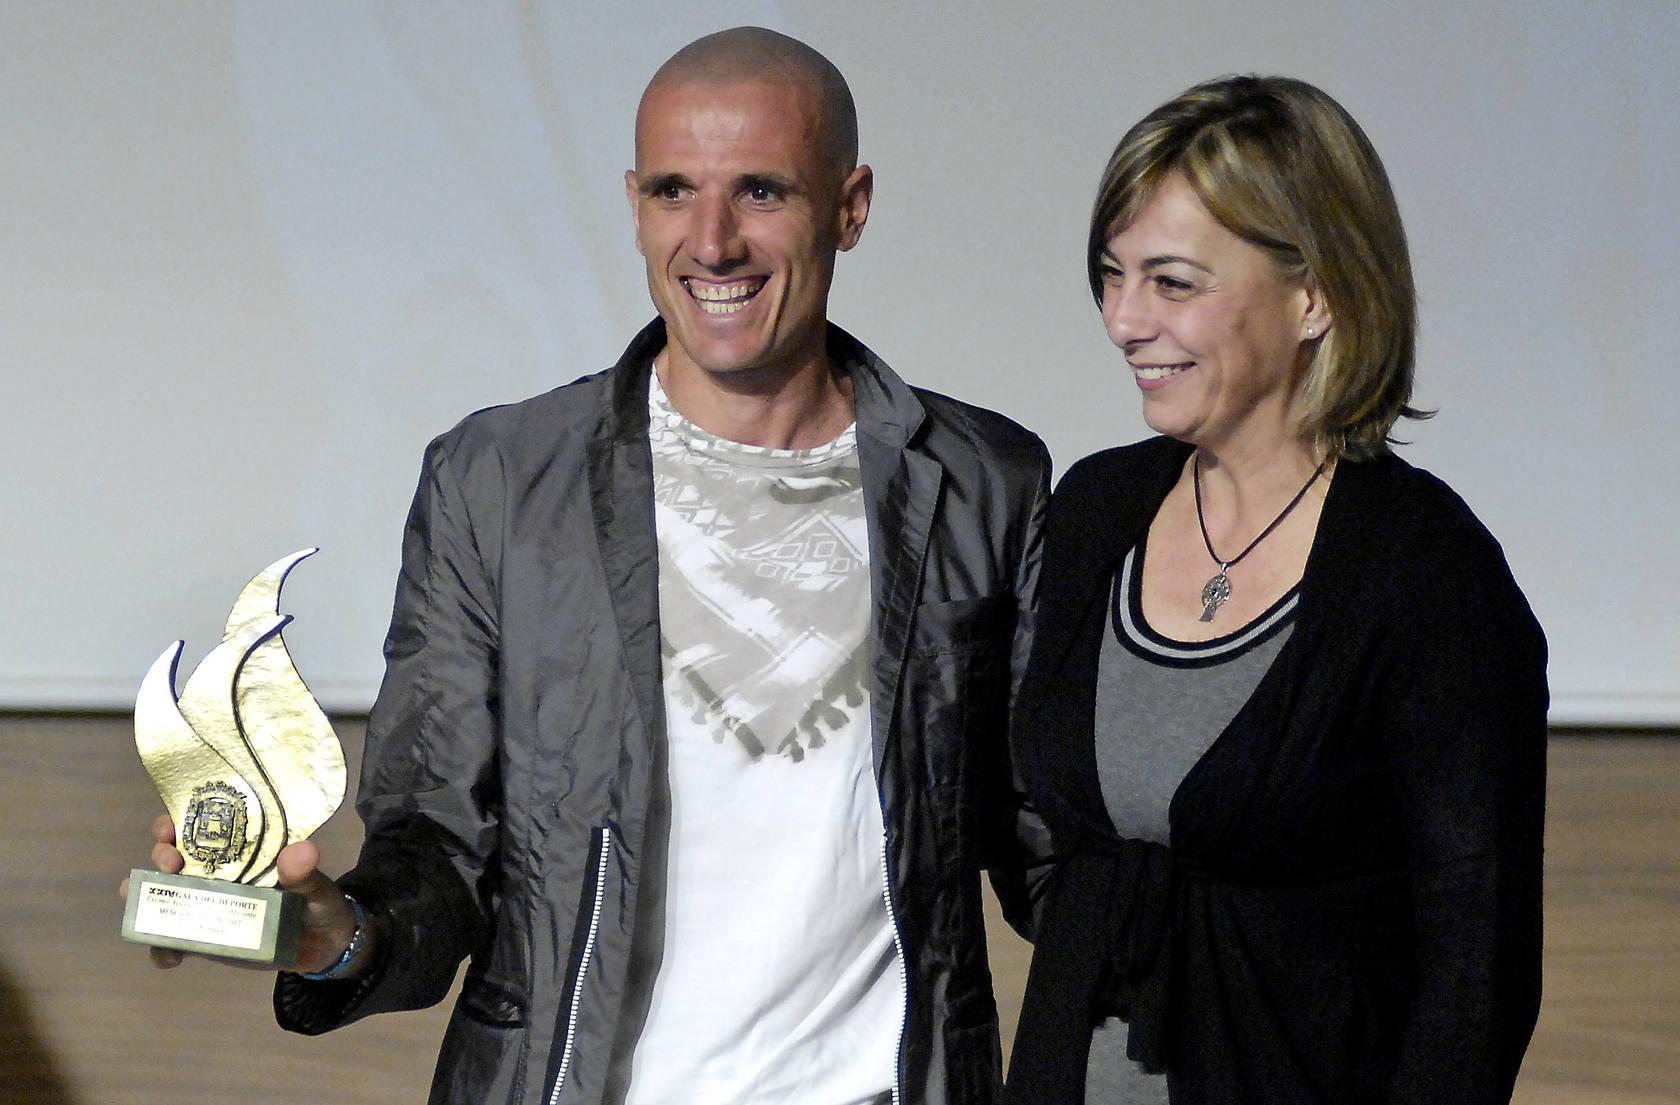 Vanesa Amorós y Raúl Martínez, premiados